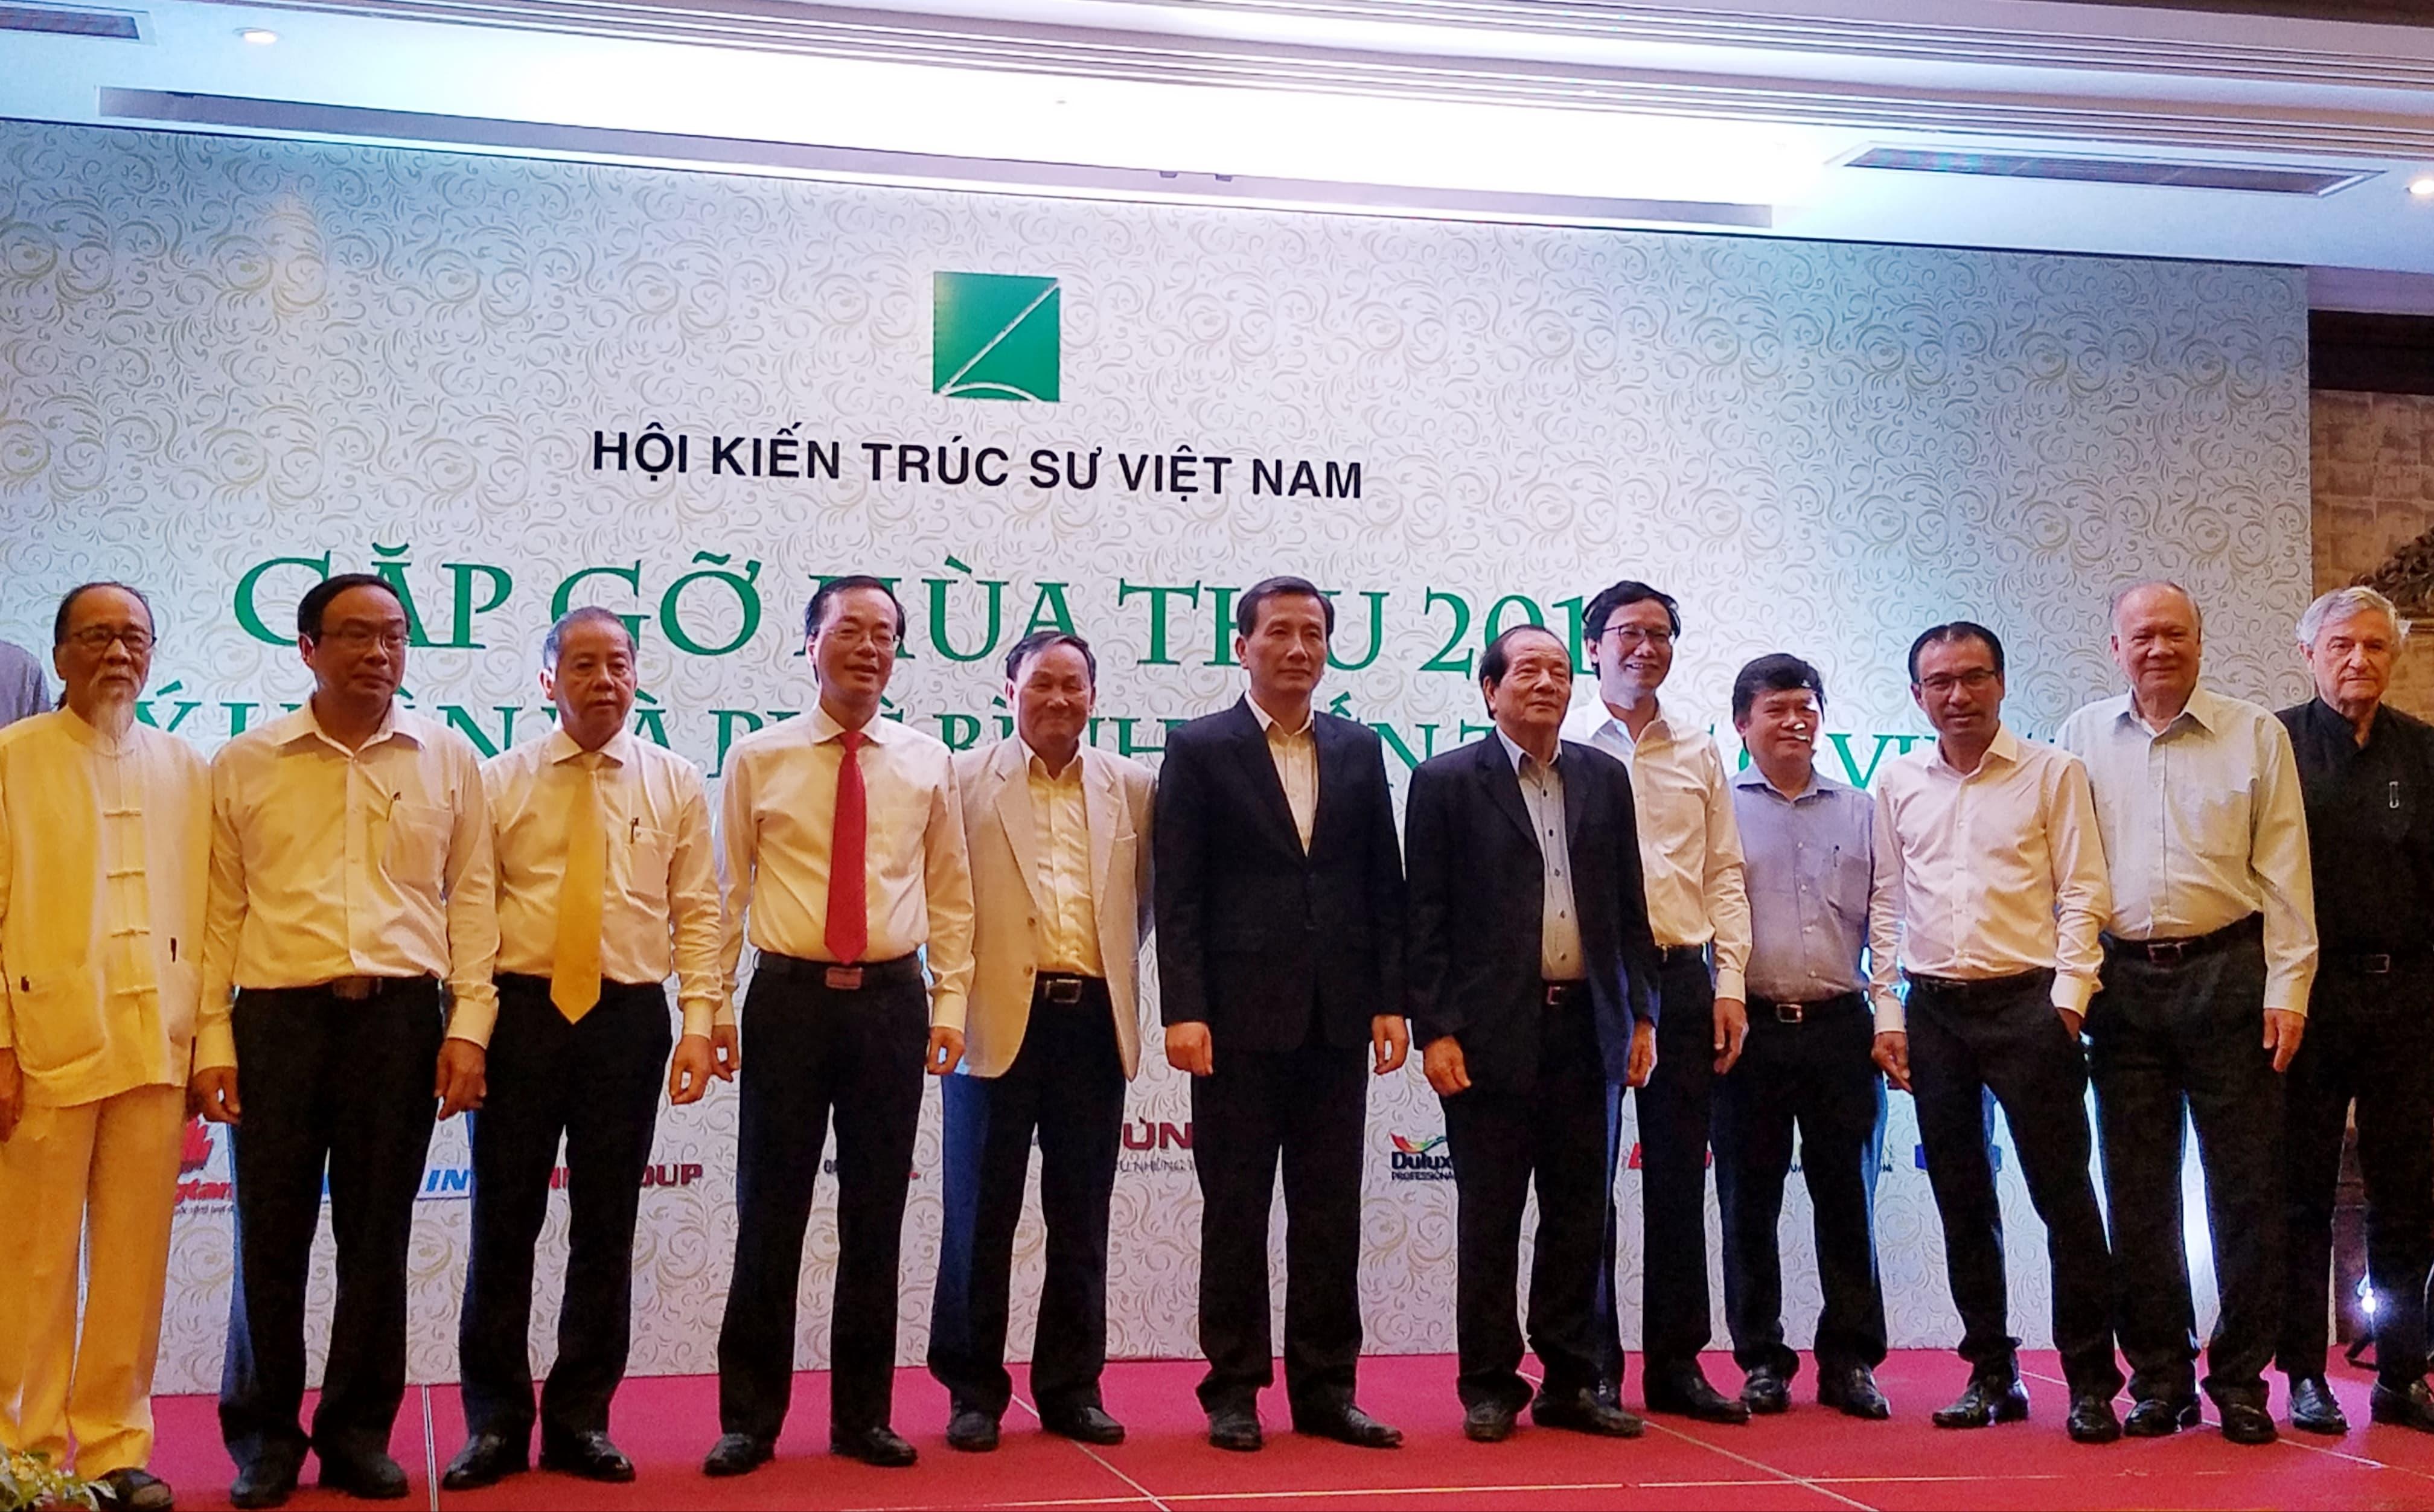 Các đại biểu và chuyên gia khoa học, nhà quản lý tham dự Hội nghị Lý luận và phê bình kiến trúc ở Việt Nam ngày 17/11/2018